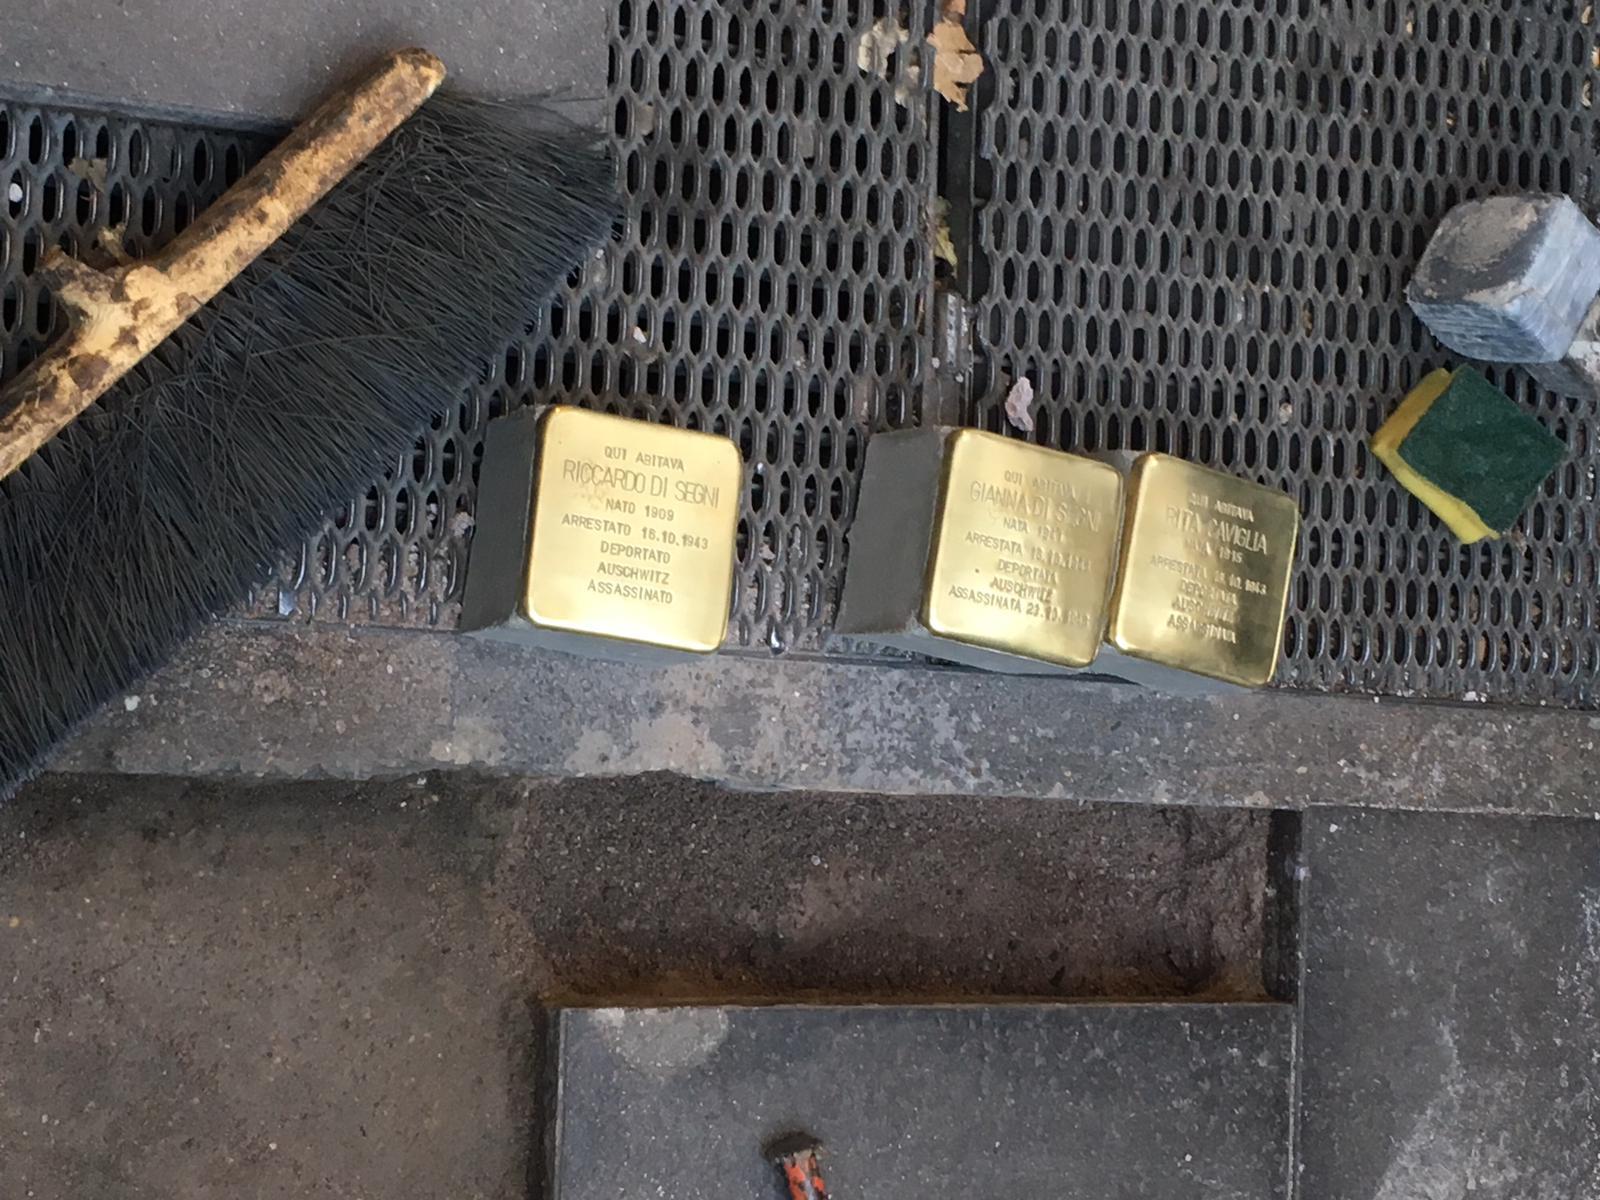 Le pietre d'inciampo posate a piazza Bologna per ricordare Rita Caviglia, Riccardo Di Segni e Gianna Di Segni